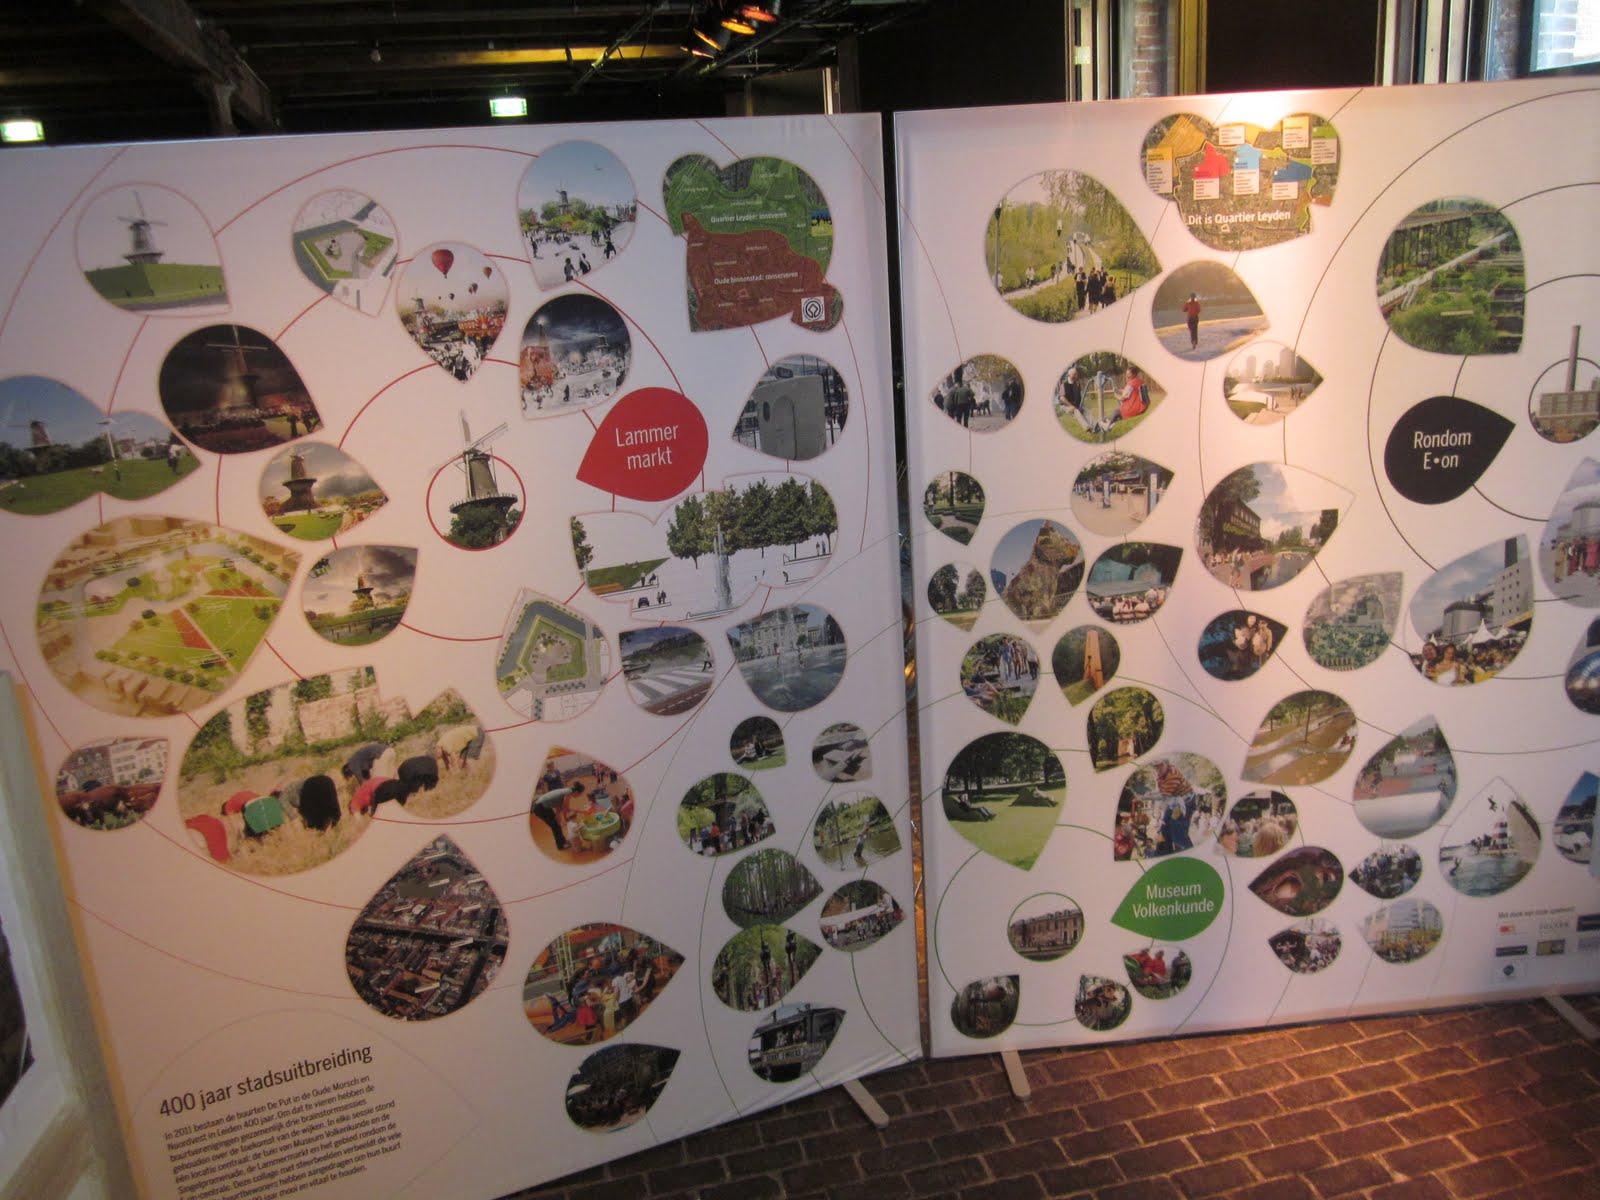 Genoeg Creatieve Stad Leiden: Buurtverenigingen presenteren ideeën Singelpark @EB88